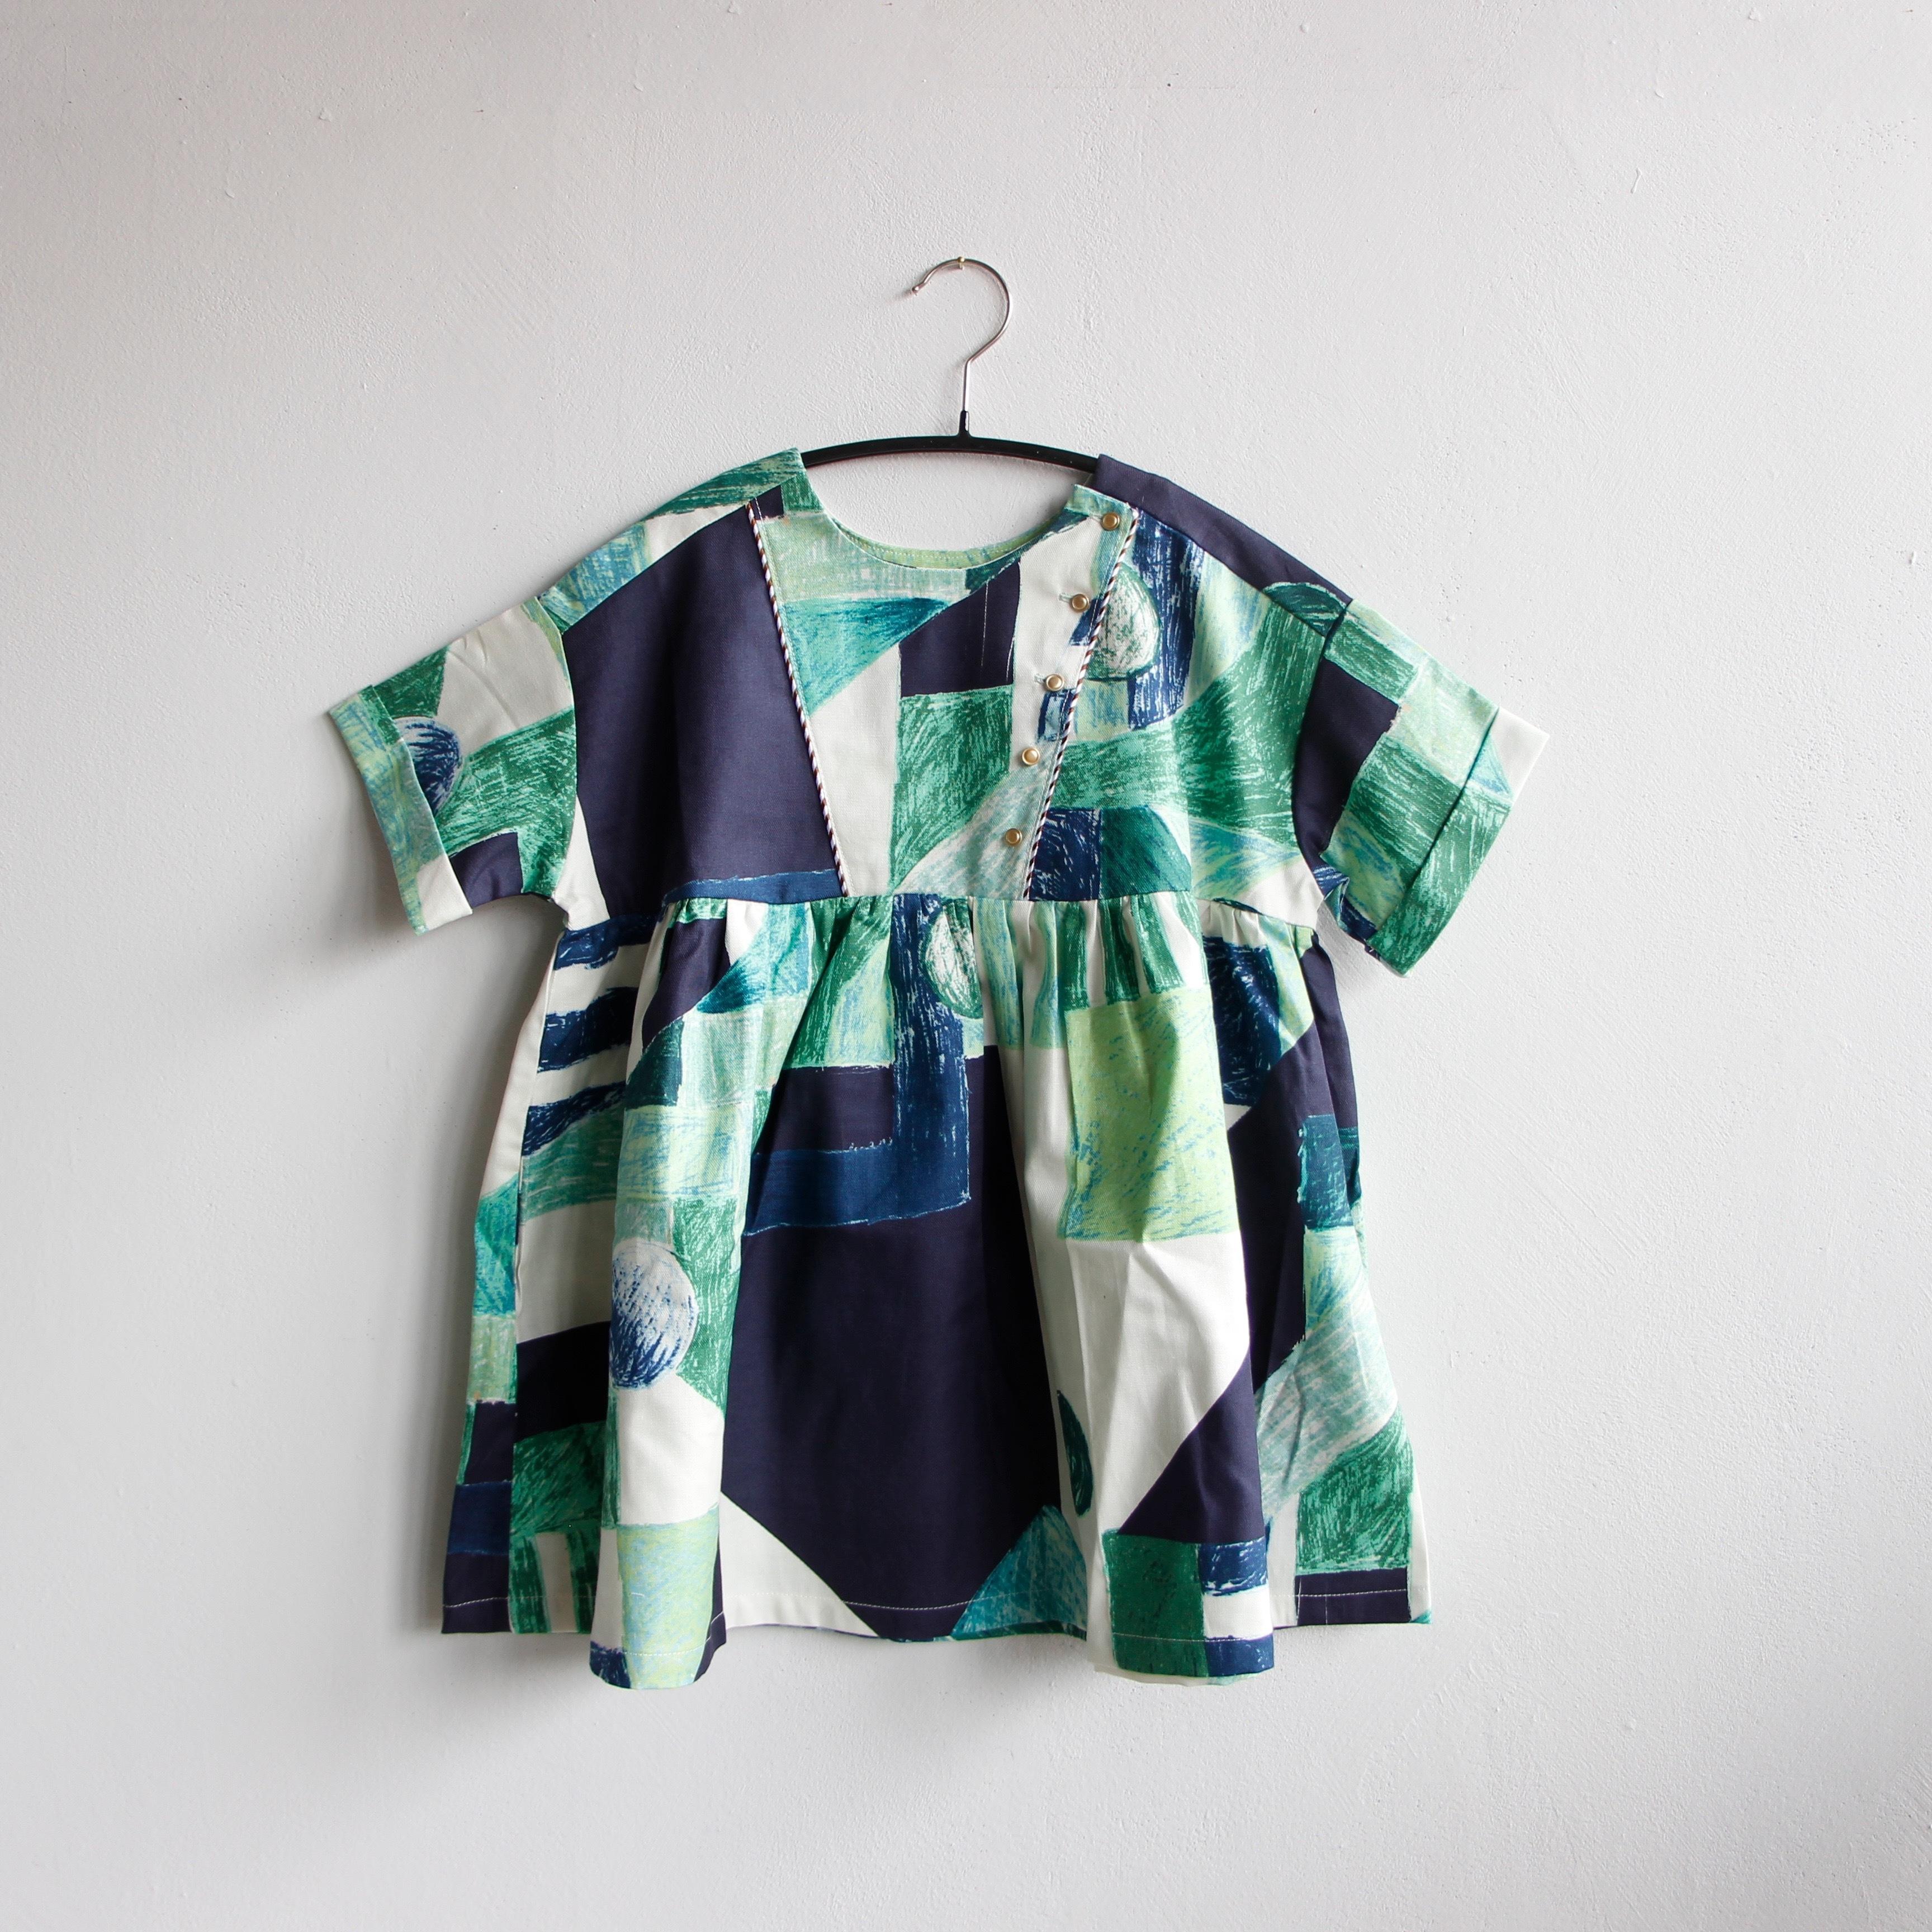 《eLfinFolk 2020SS》Maghreb dress / green / 90-100cm